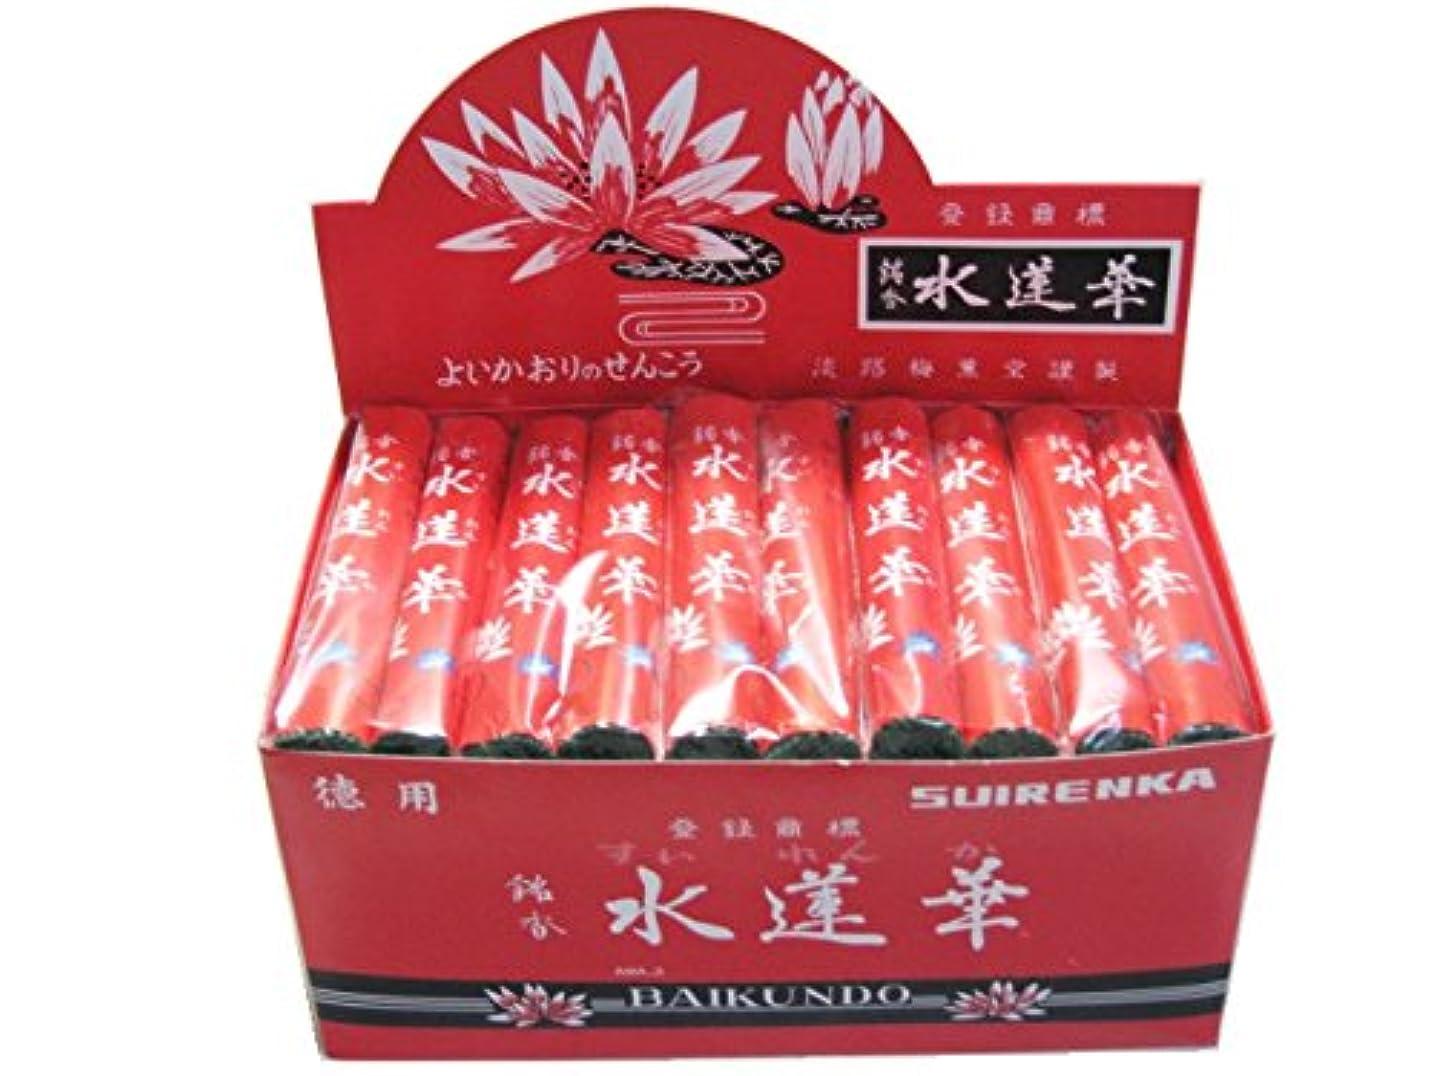 四回一般的な行き当たりばったり淡路梅薫堂のお線香 徳用水蓮華 大把 2p × 25袋×12箱 #300